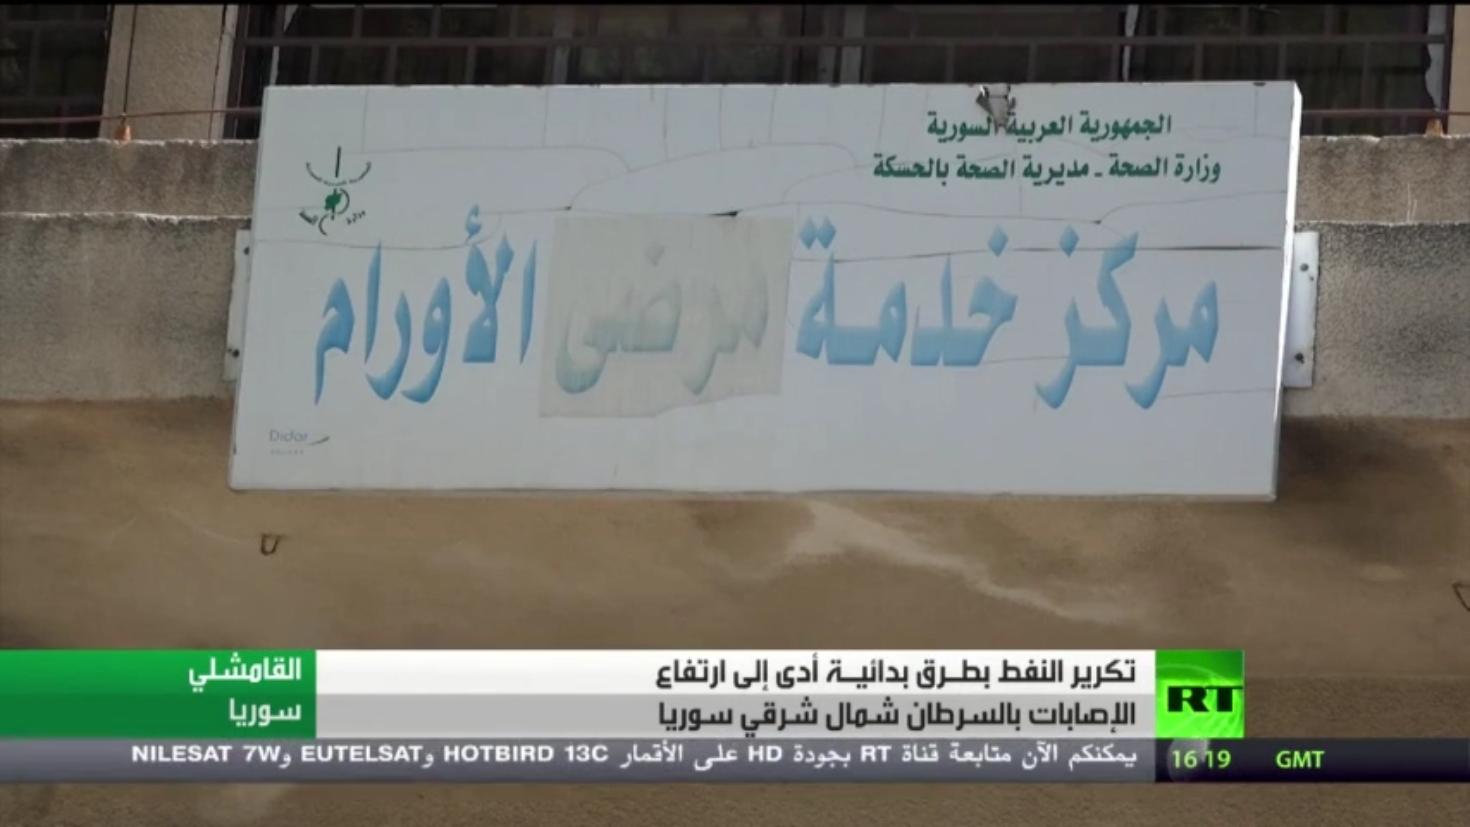 مركز طبي لعلاج الأورام شمال شرقي سوريا